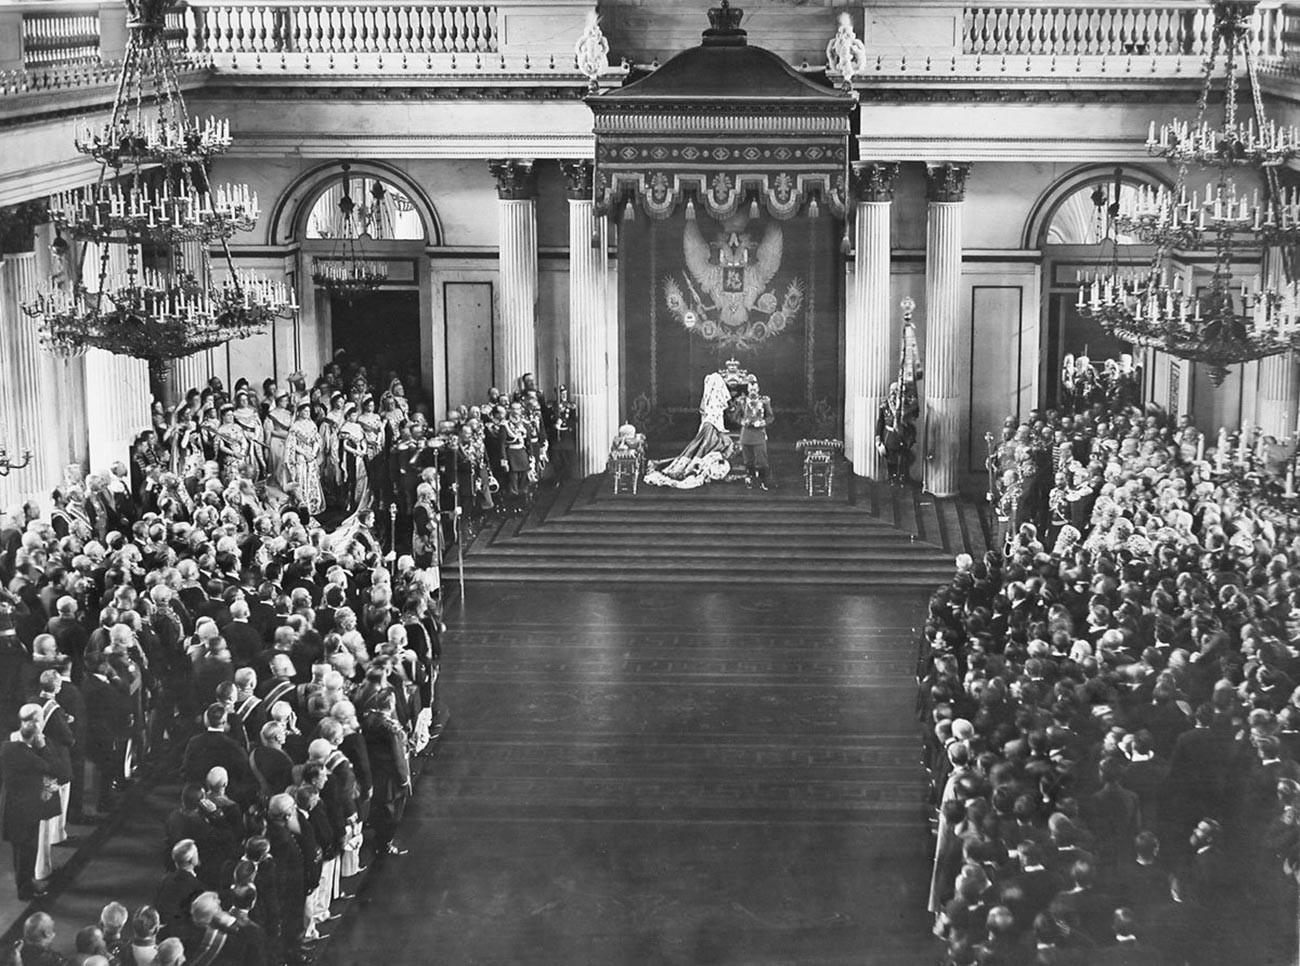 Inauguration solennelle de la Douma d'État en avril 1906